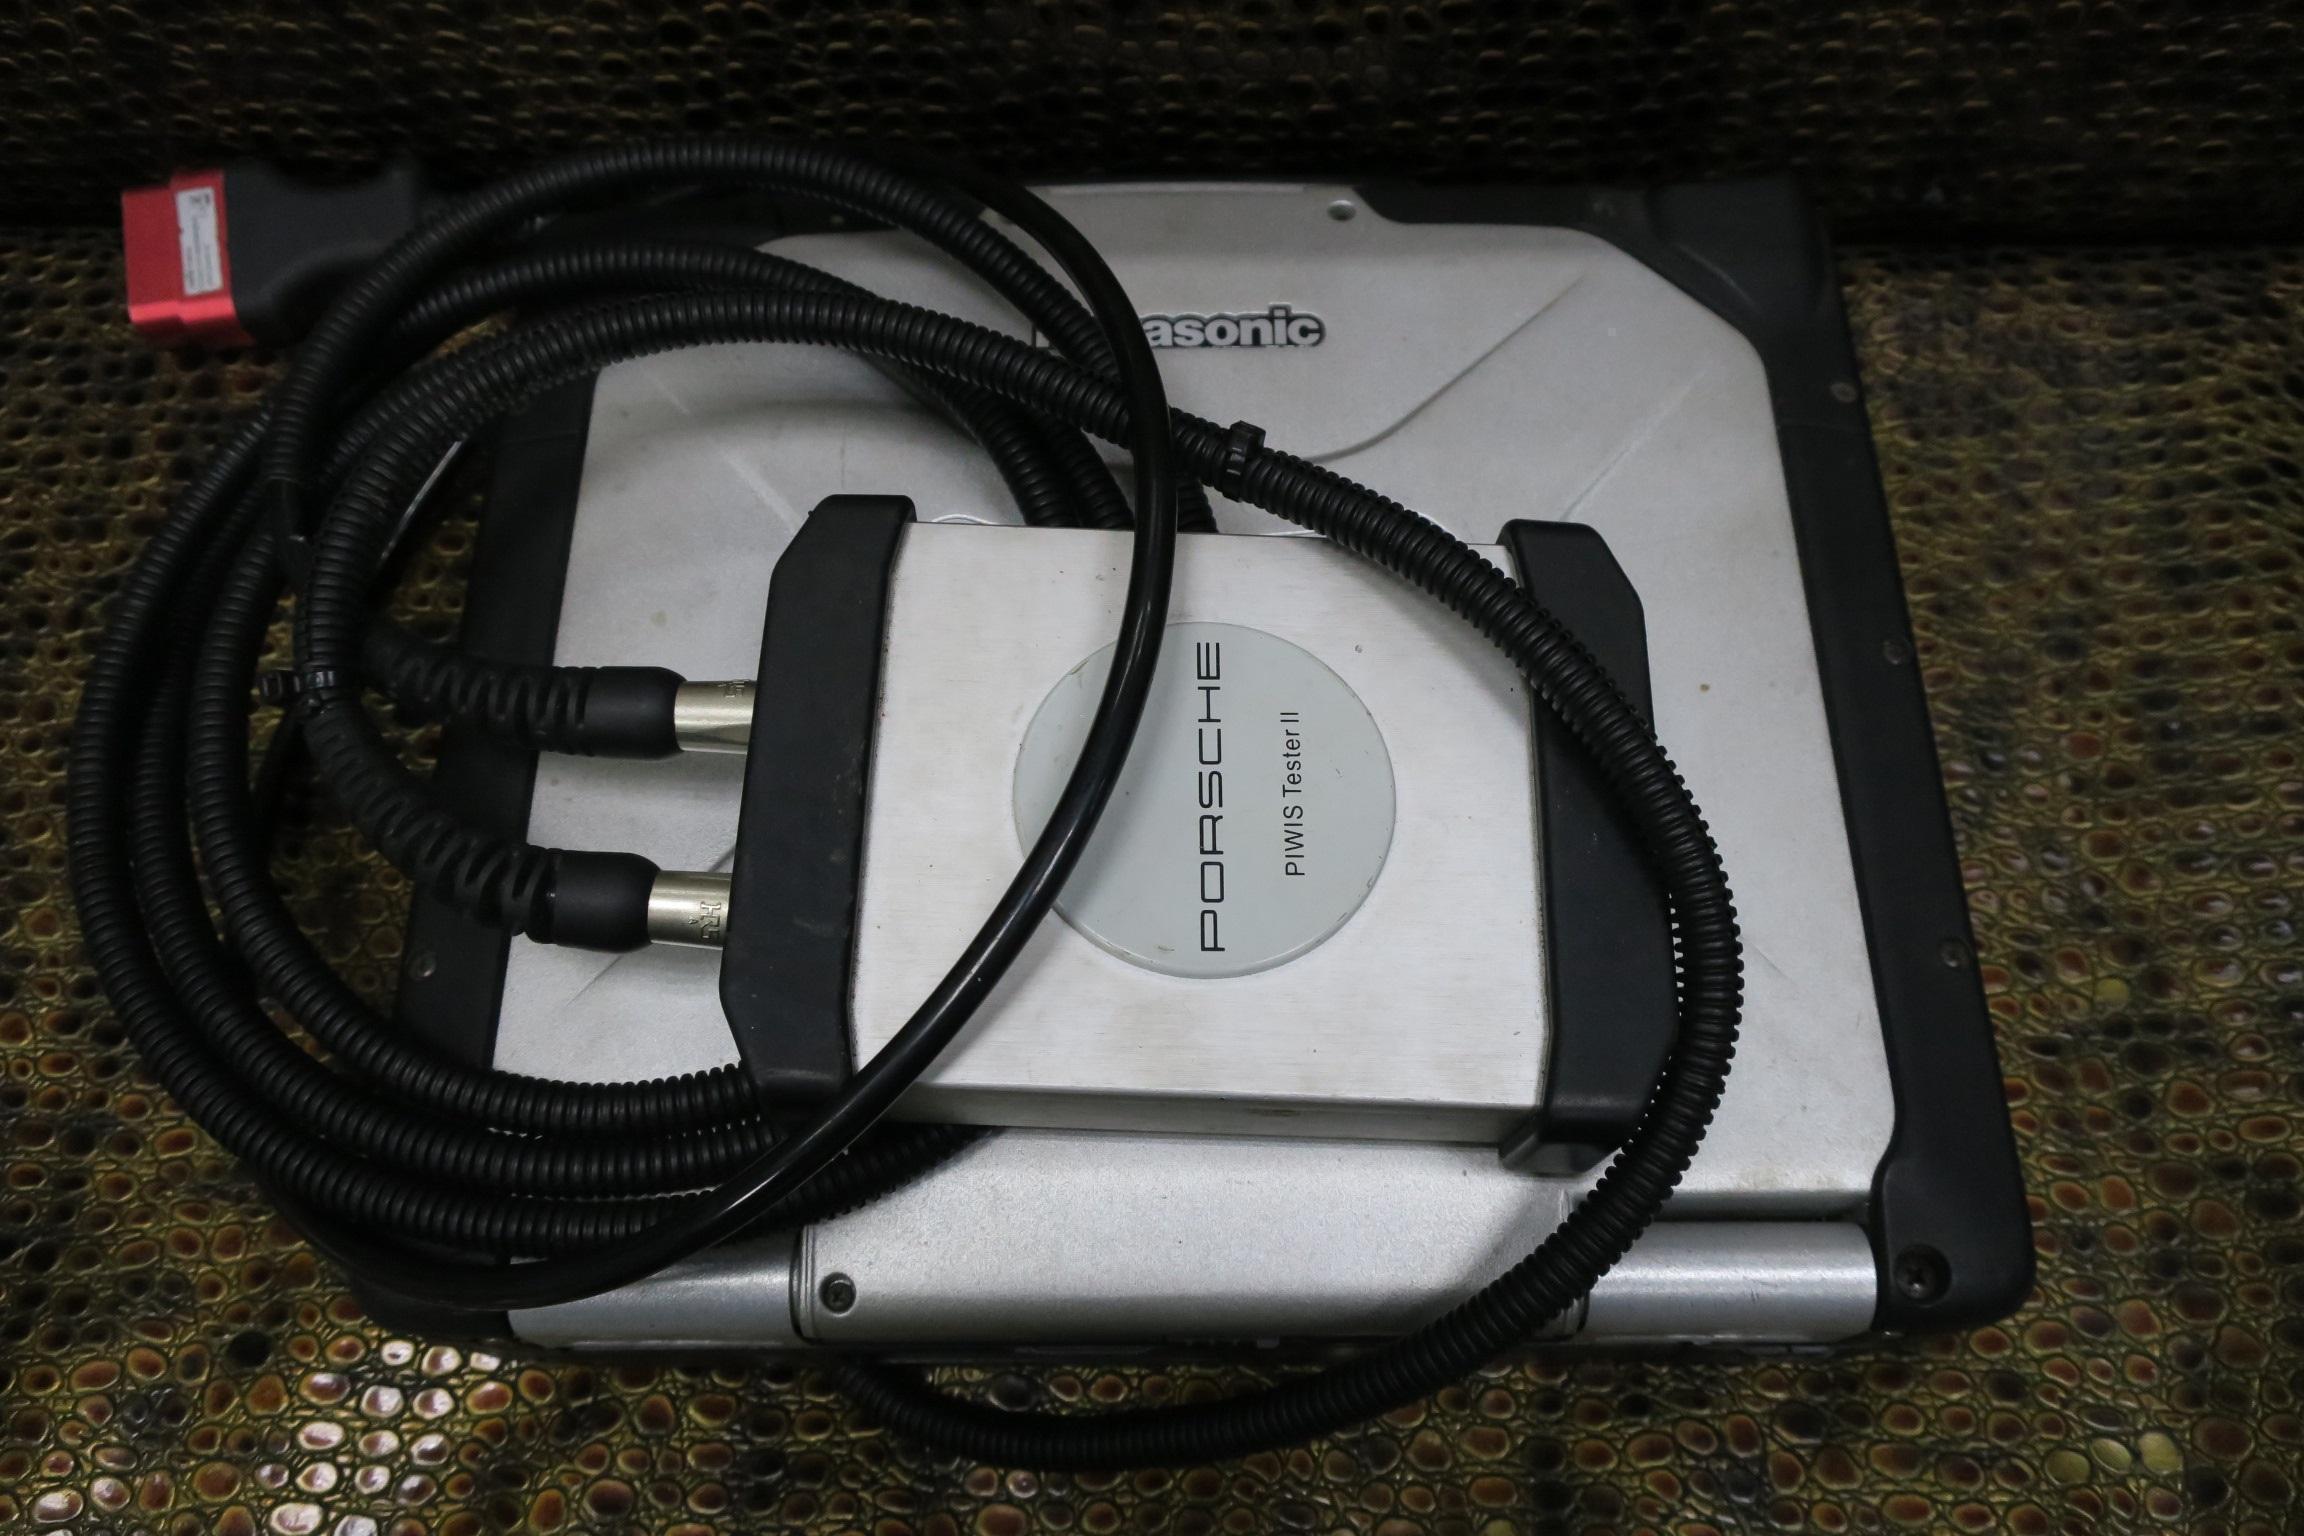 PORSCHE原廠工程版專用診斷電腦系統。